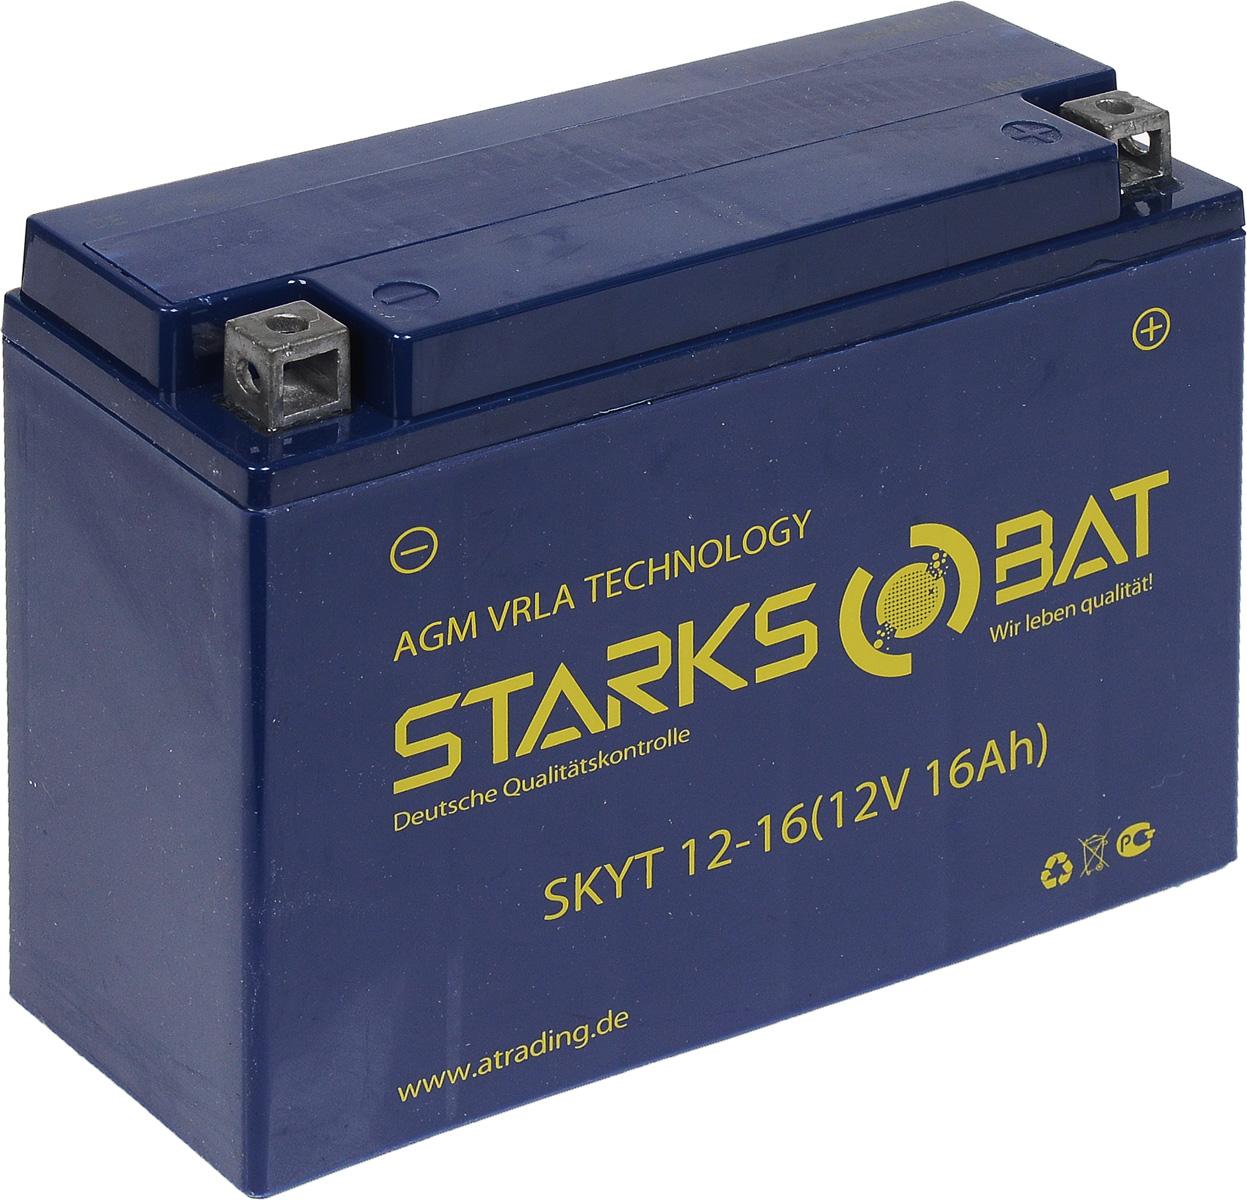 Батарея аккумуляторная для мотоциклов Starksbat. YT 12-16 (YB16AL-A2)S03301004Аккумулятор Starksbat изготовлен по технологии AGM, обеспечивающей повышенный уровень безопасности батареи и удобство ее эксплуатации. Корпус выполнен из особо ударопрочного и морозостойкого полипропилена. Аккумулятор блестяще доказал свои высокие эксплуатационные свойства в самых экстремальных условиях бездорожья, высоких и низких температур.Аккумуляторная батарея Starksbat производится под знаменитым немецким контролем качества, что обеспечивает ему высокие пусковые характеристики и восстановление емкости даже после глубокого разряда.Напряжение: 12 В.Емкость: 16 Ач.Полярность: обратная (- +).Ток холодной прокрутки: 200 Аh (EN).